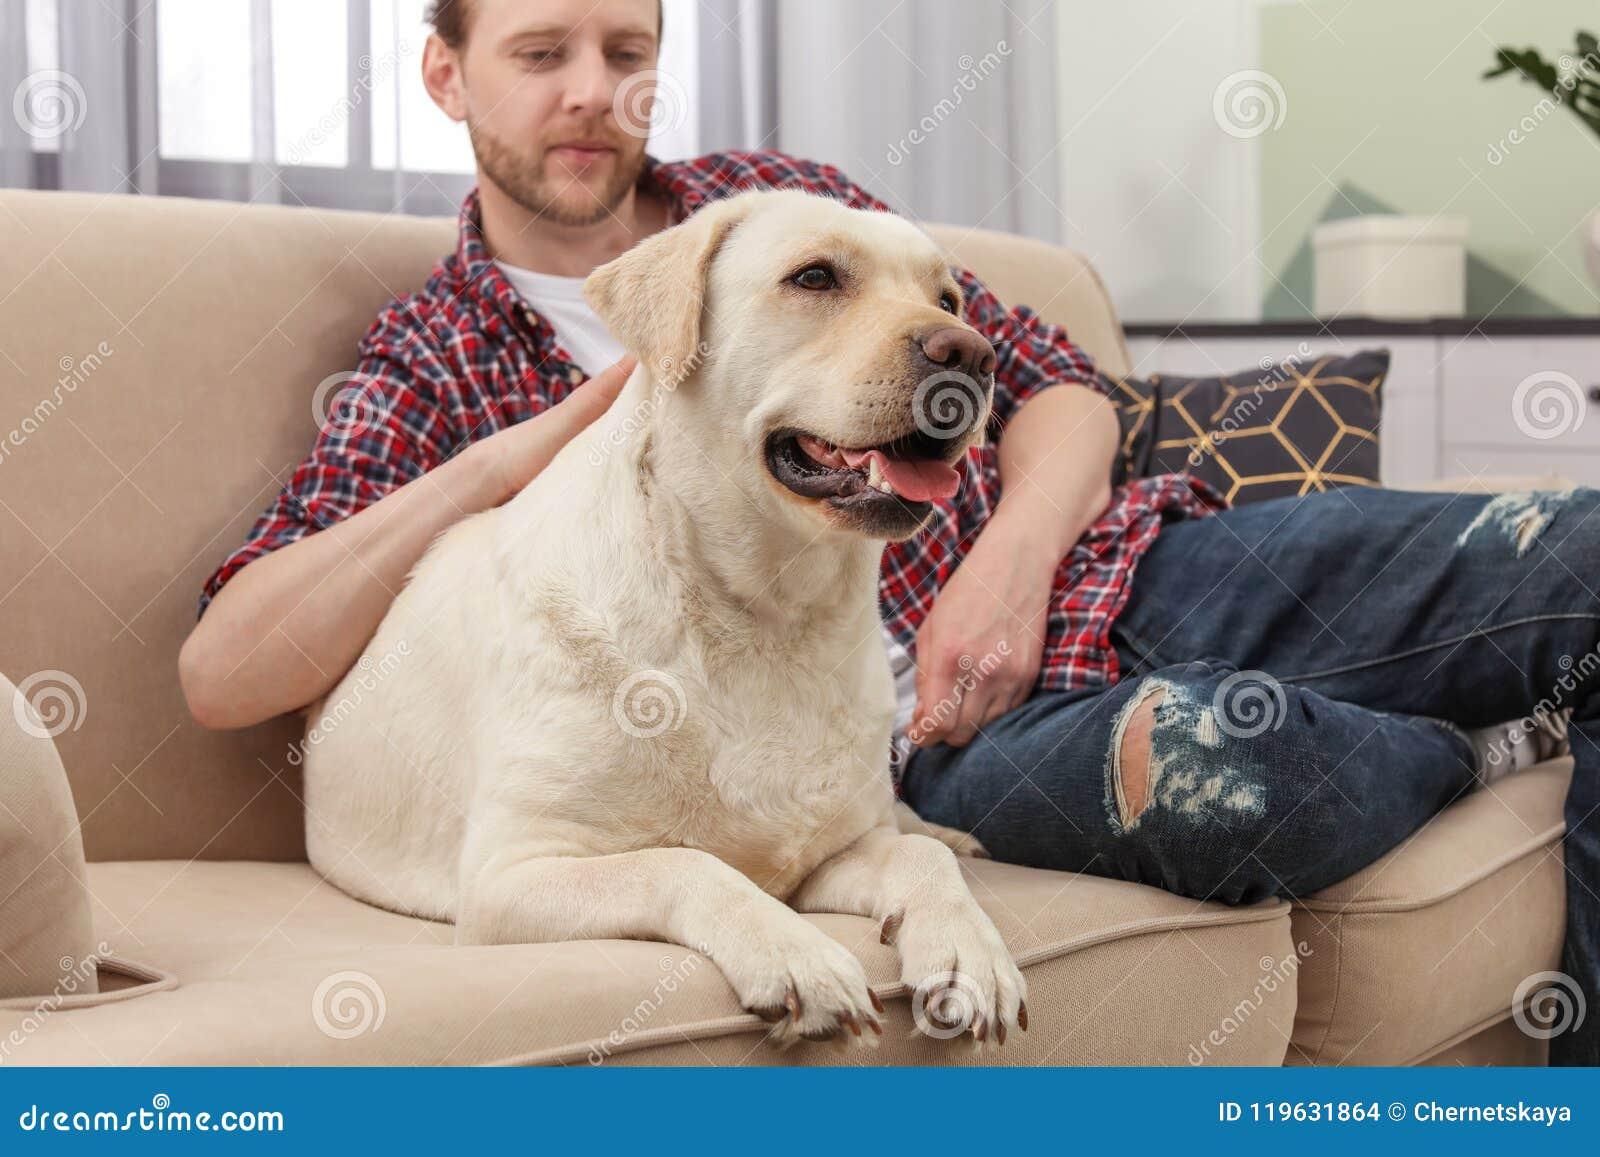 三级人与兽黄色_与所有者的可爱的黄色拉布拉多猎犬. 户内, 致力.